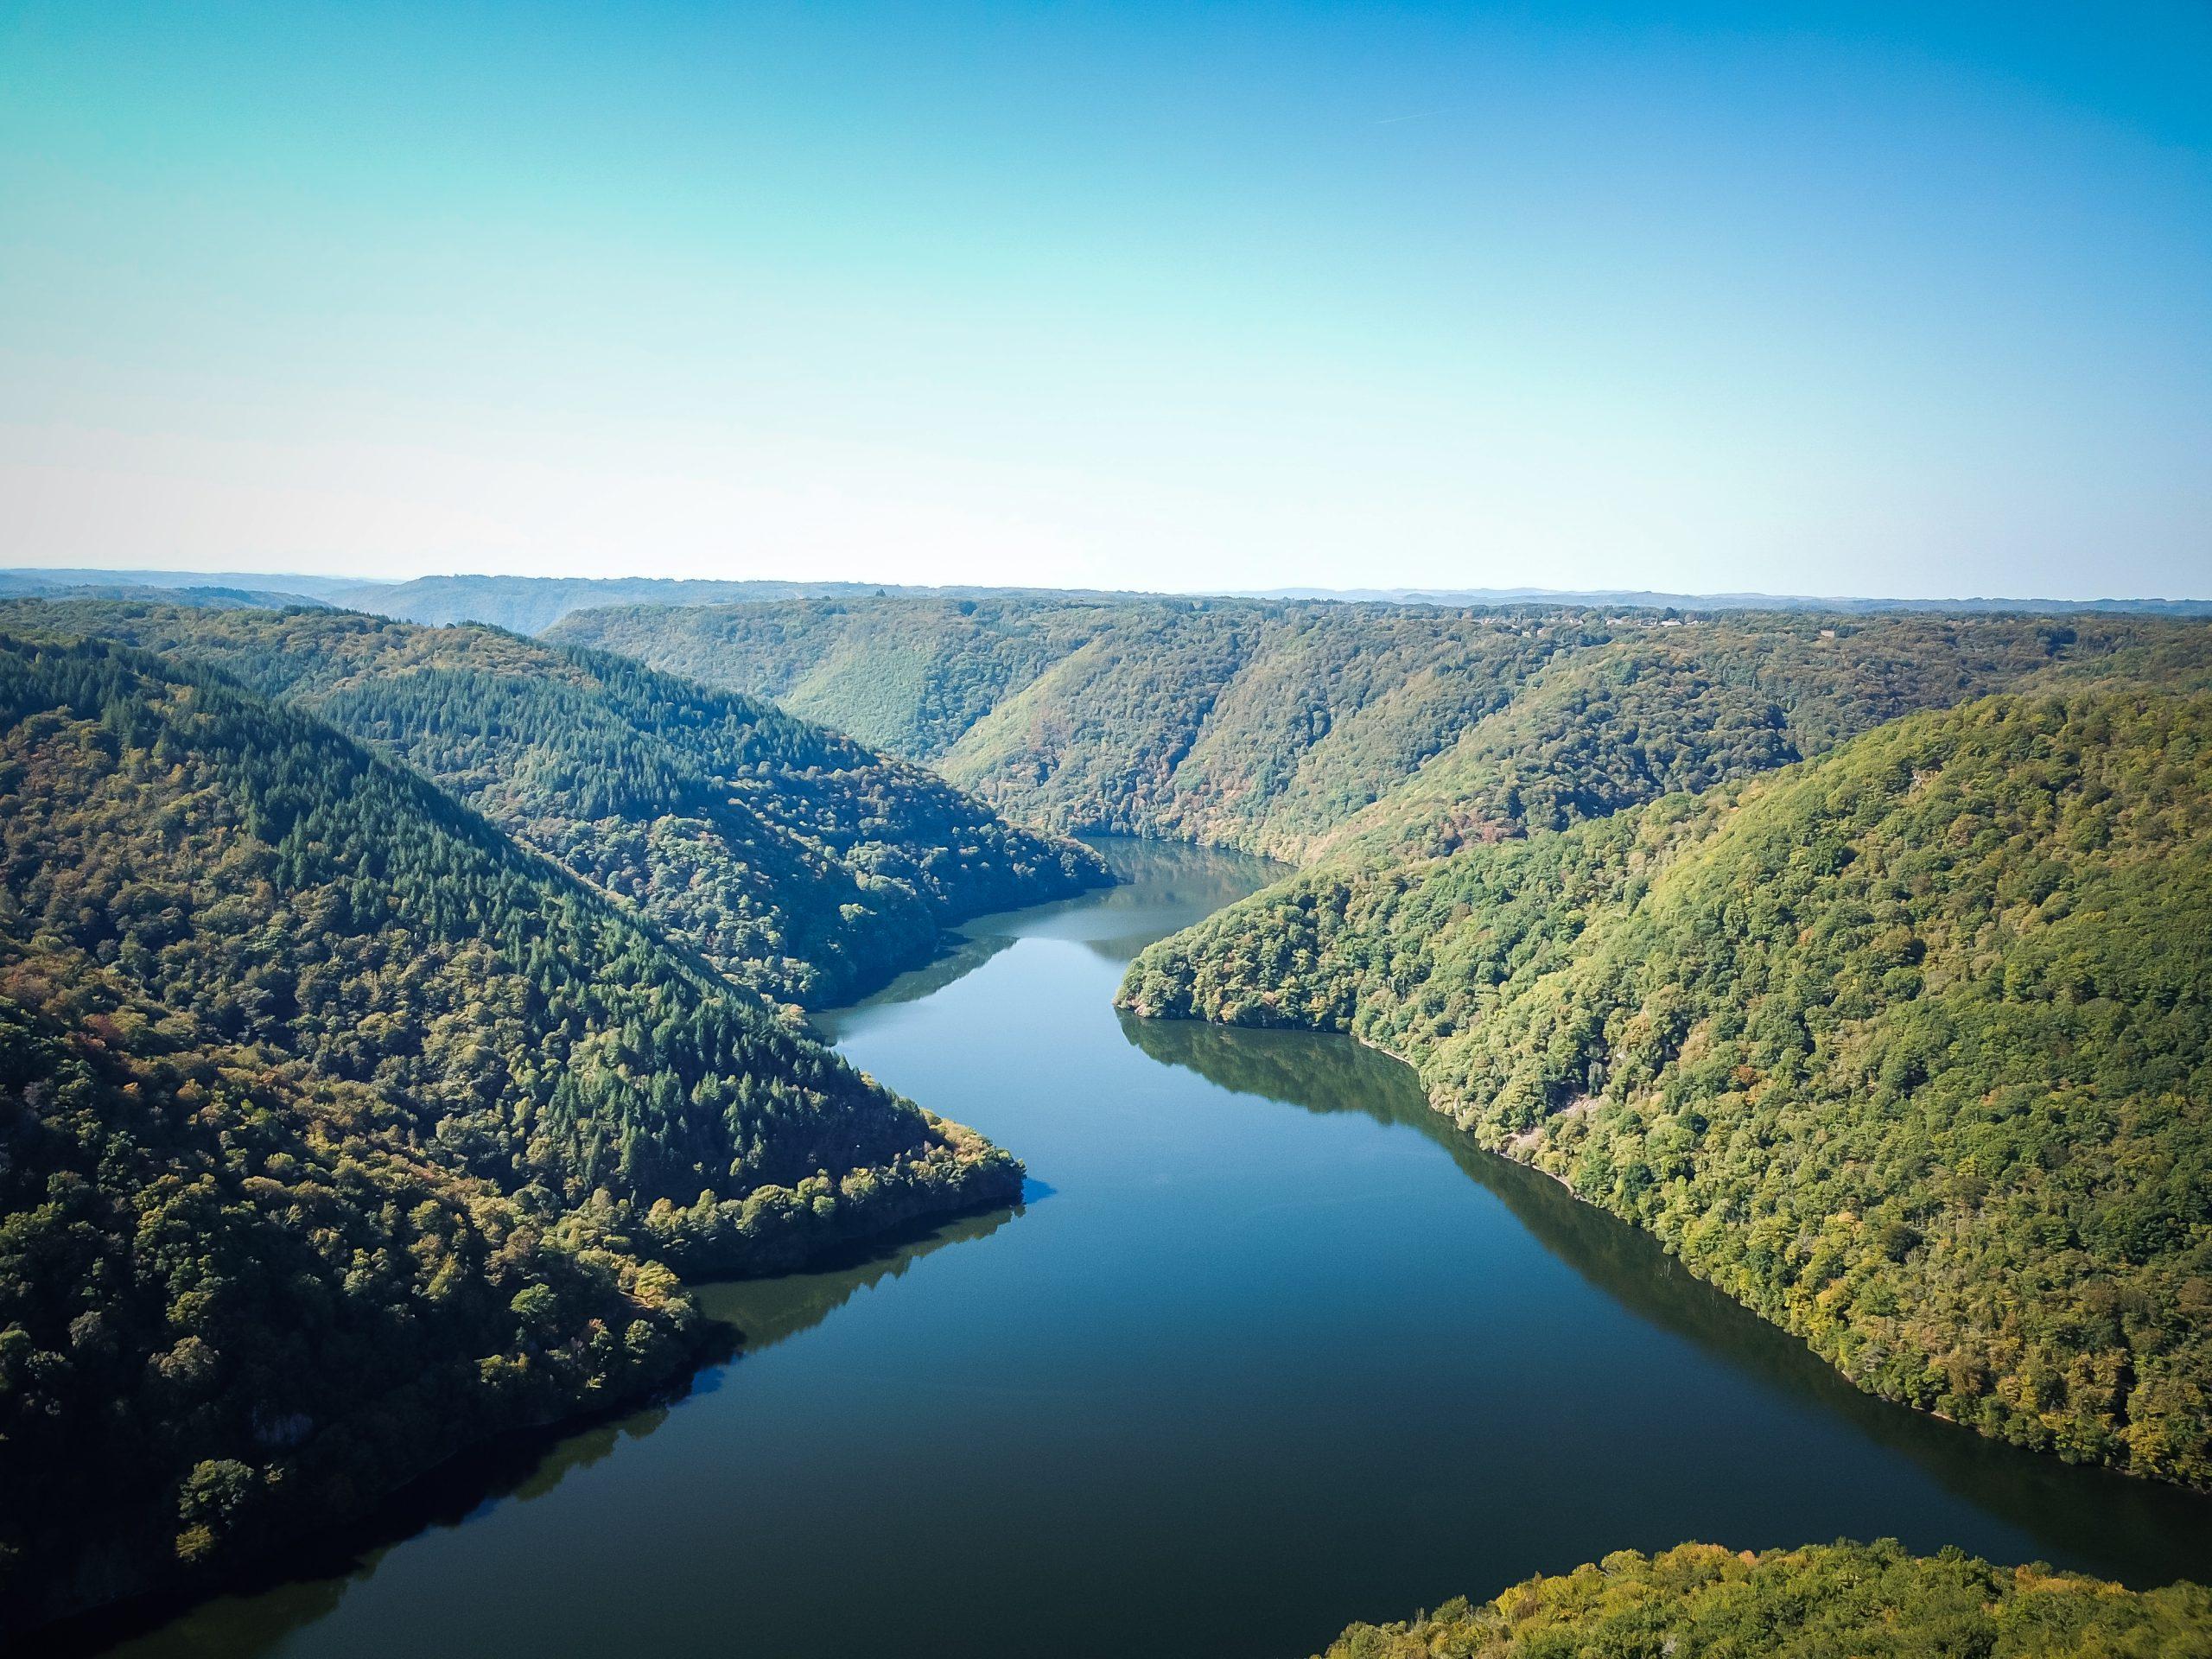 Les Gorges de la Dordogne vue en drône